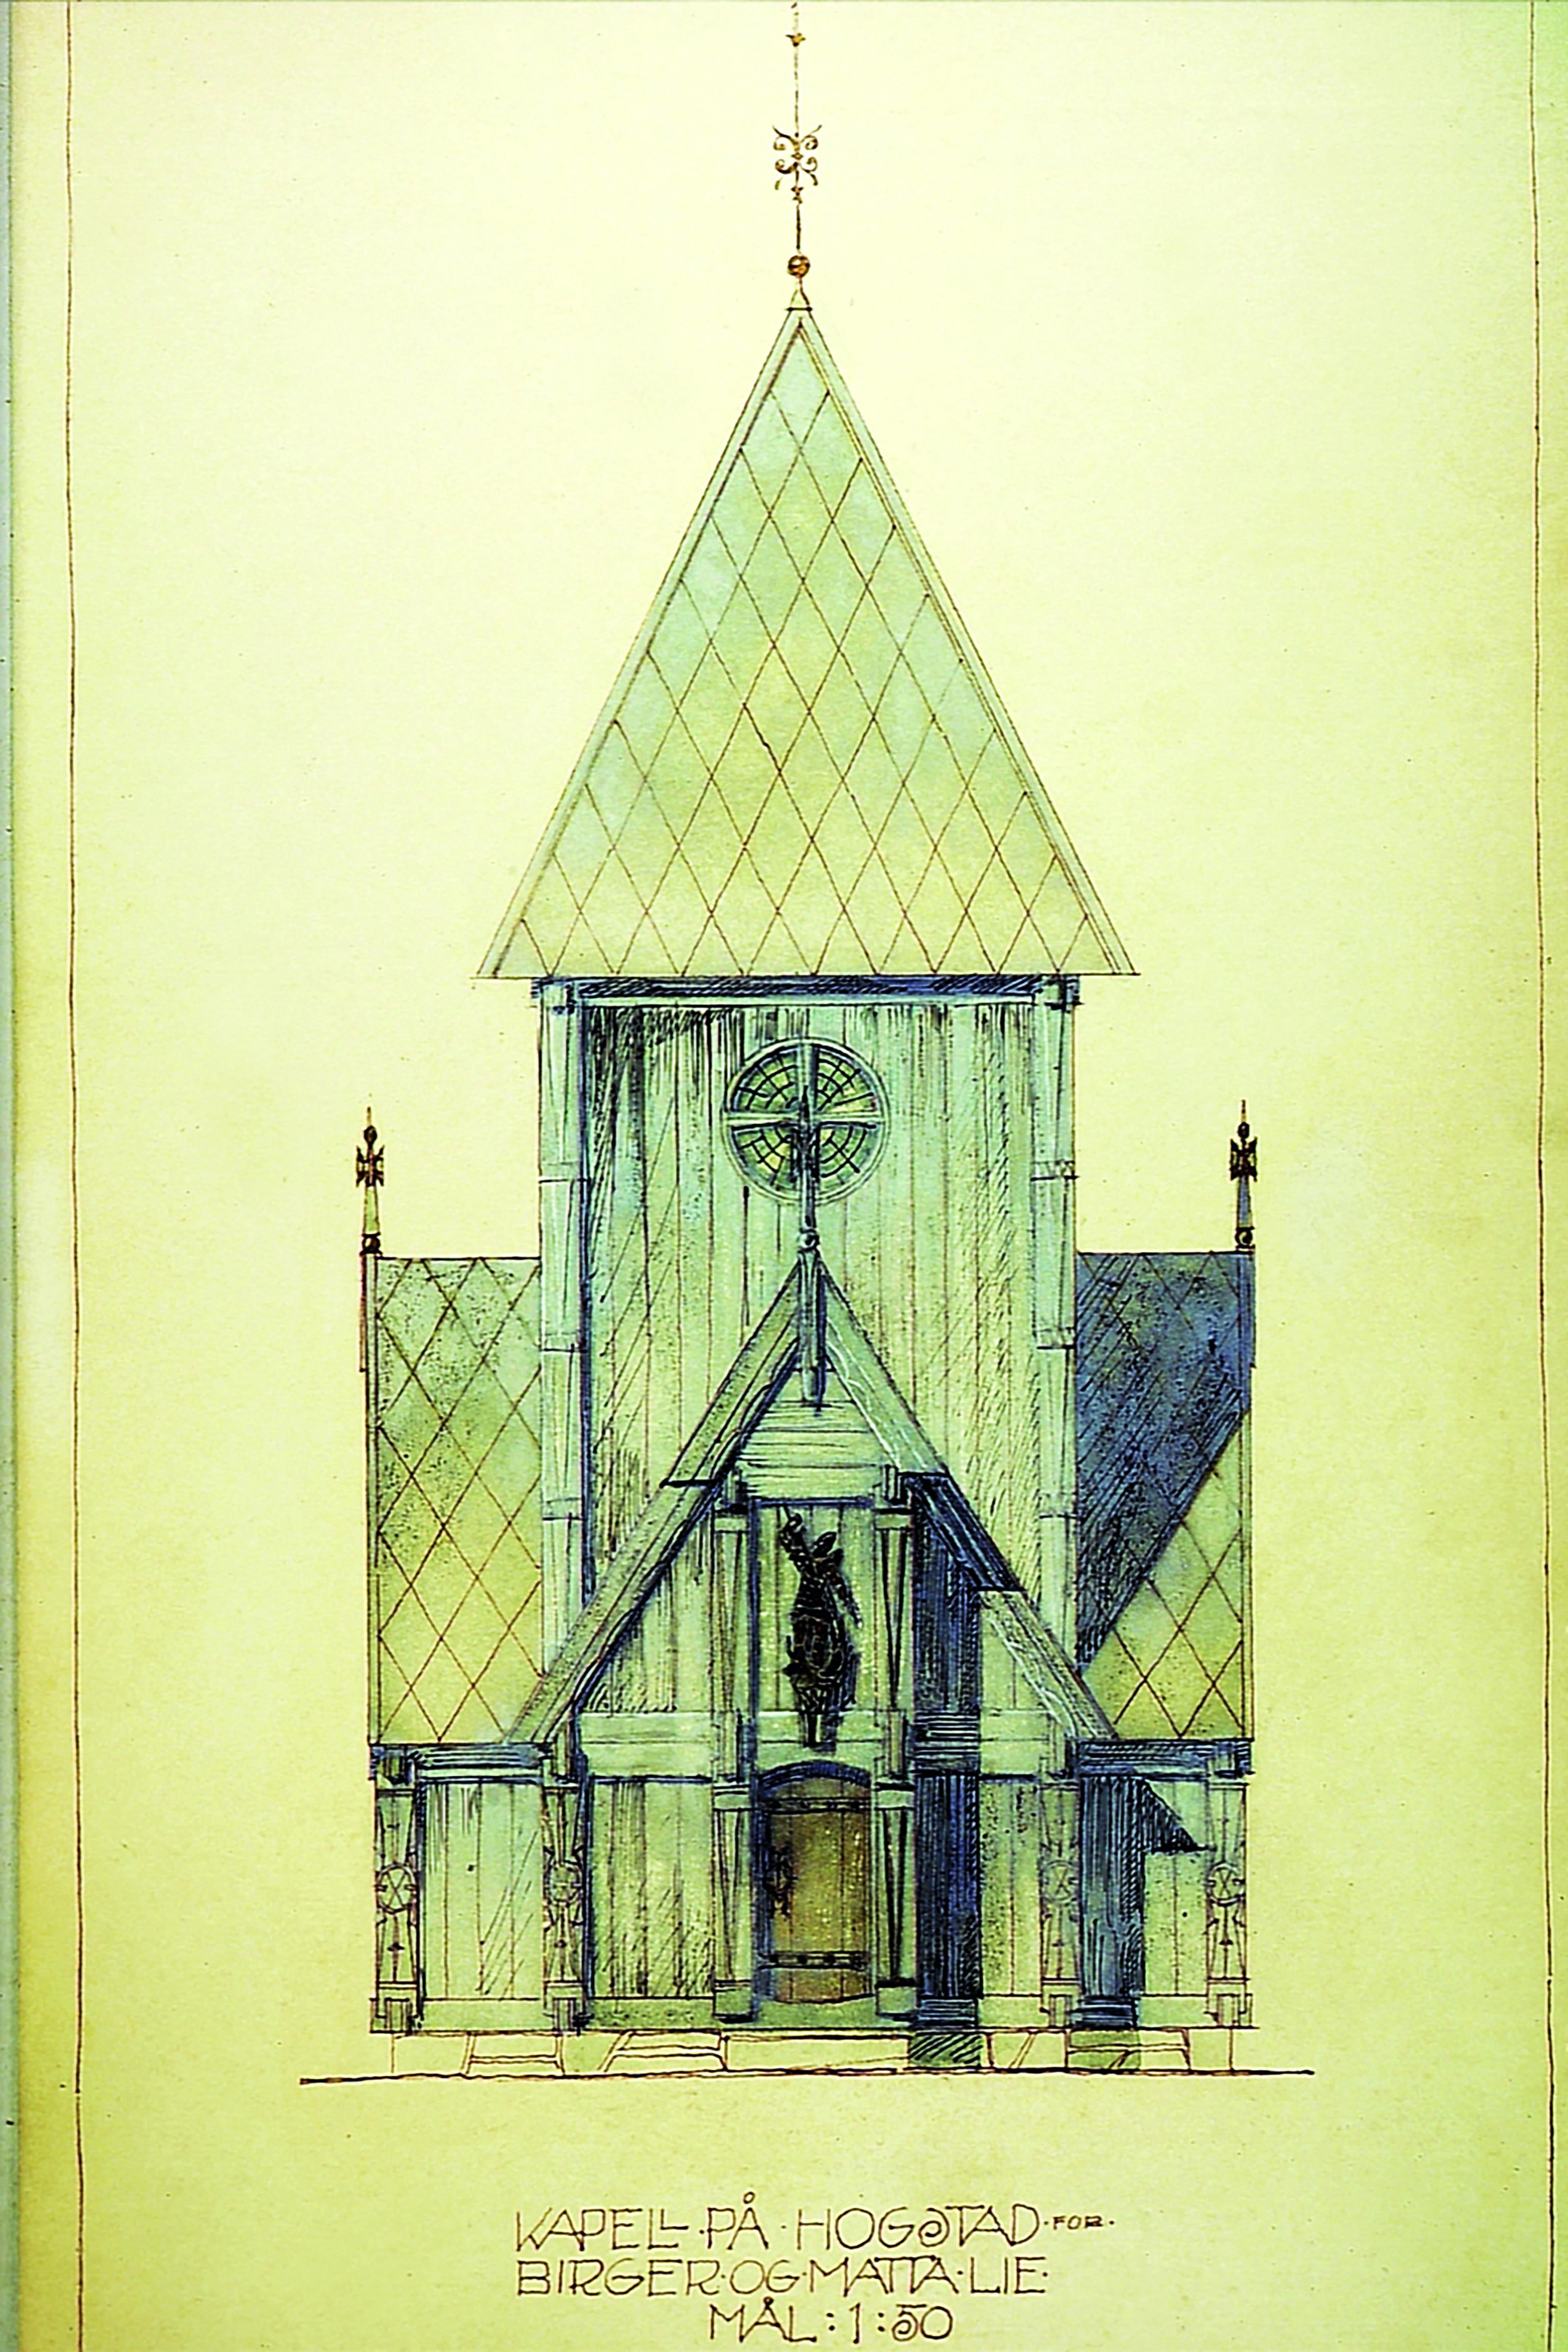 Forslag til kapell på Hogstad gård i Asker for Birger Lie.